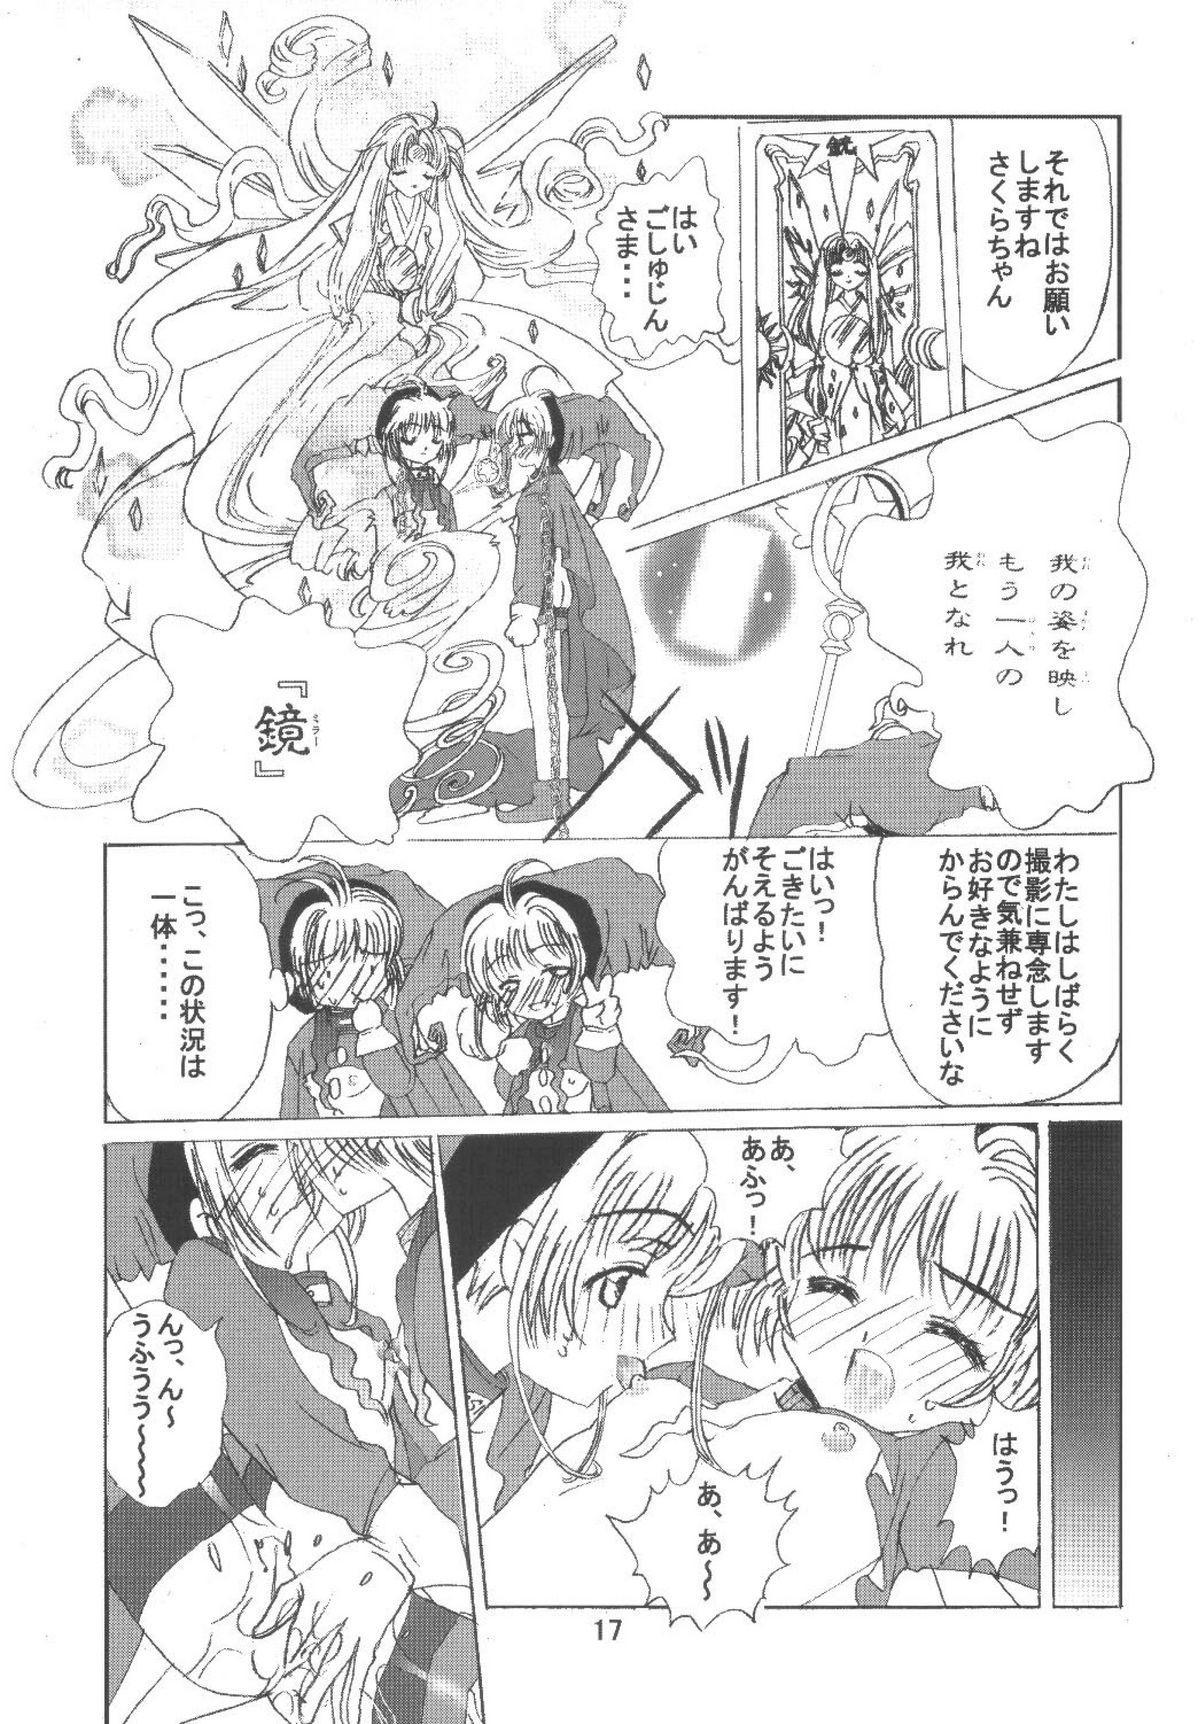 Kuuronziyou 6 Sakura-chan de Asobou 3 16